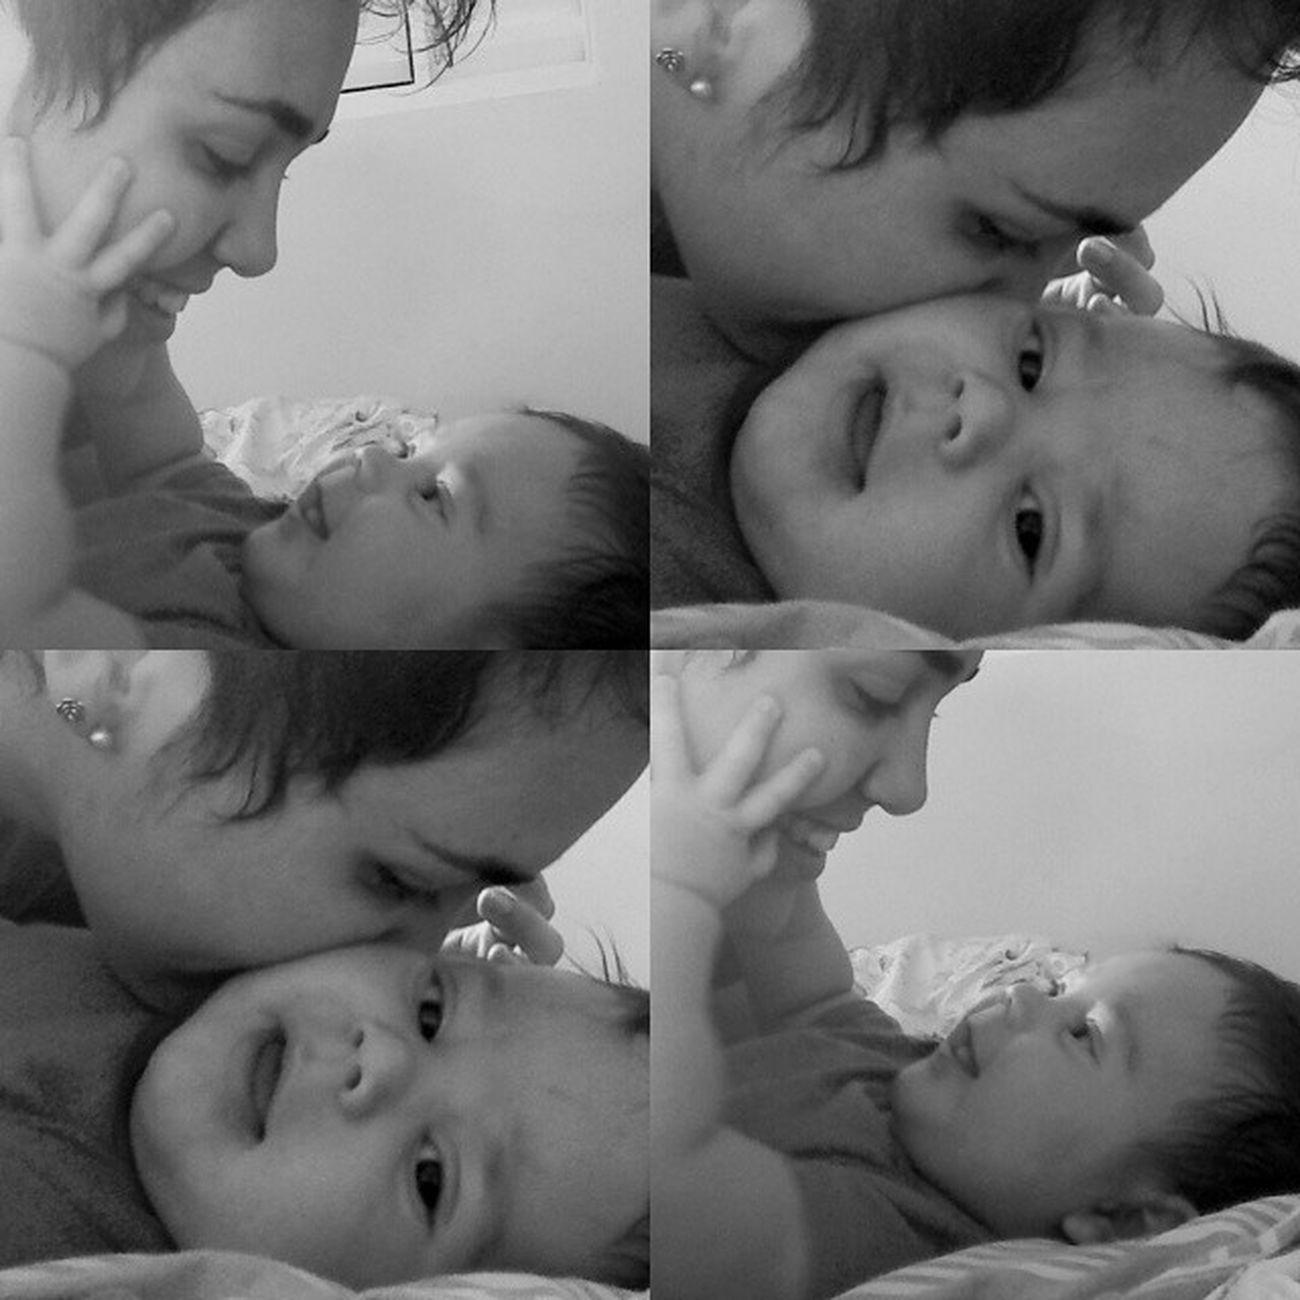 """""""Deus nos concede os filhos para por a prova nossa capacidade de amar o outro, mais que a nós mesmos."""" Meumelhorpresente Minhavida Meufilho Meuarthur Maedemenino Meugaroto"""